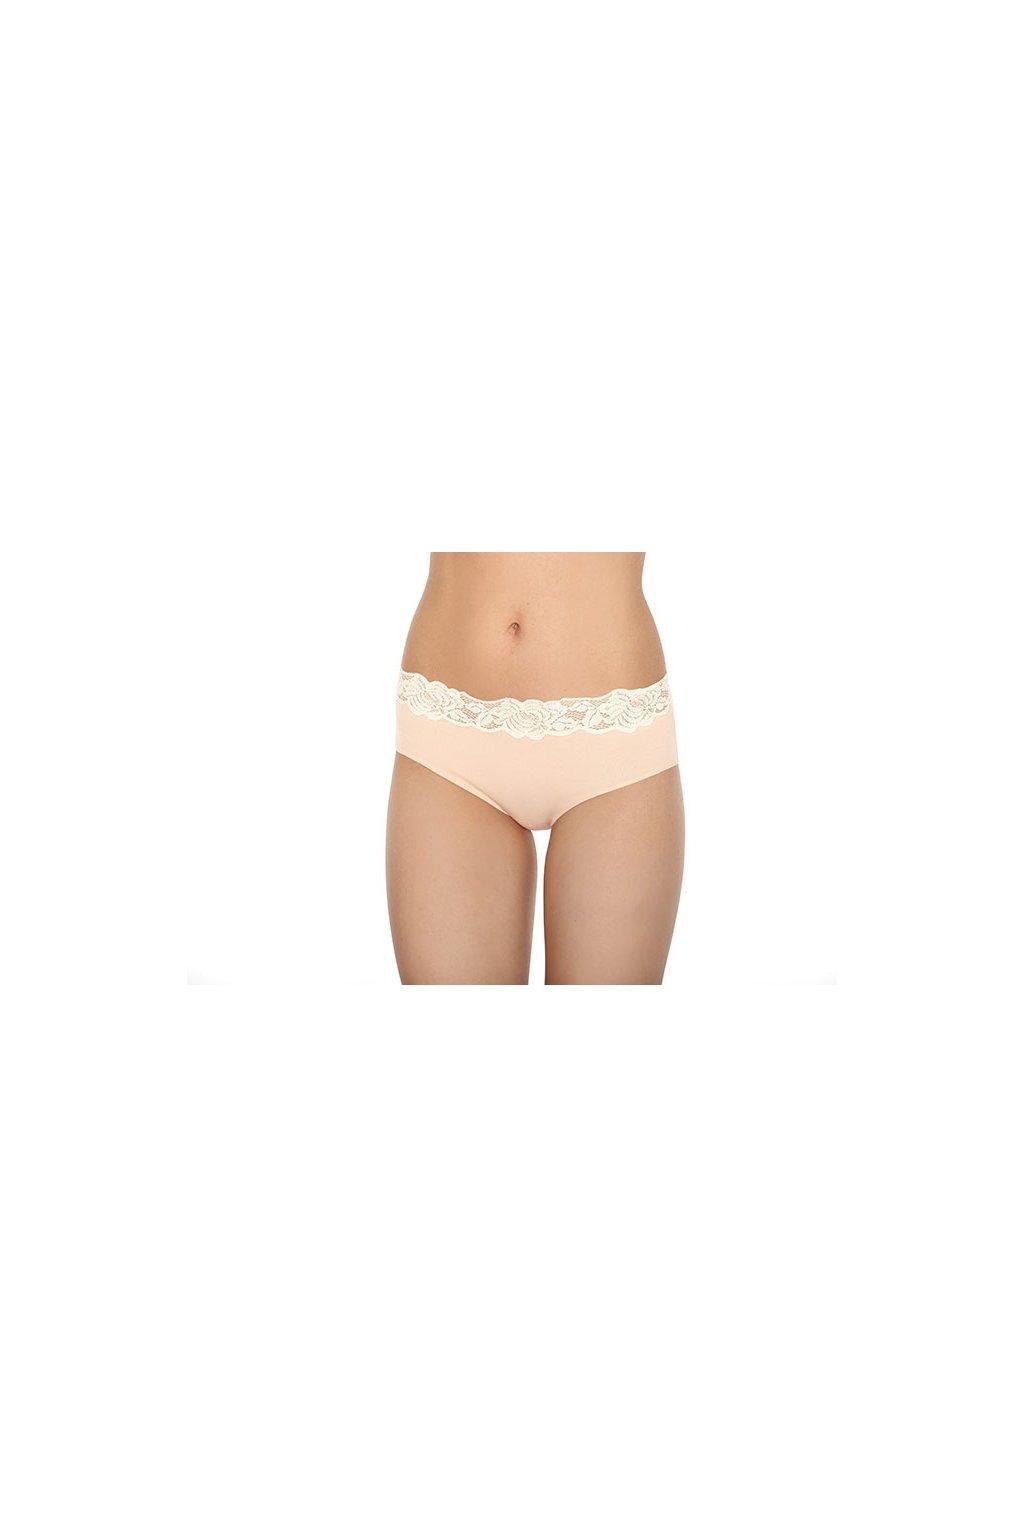 Dámské kalhotky, 100167 115, lososová